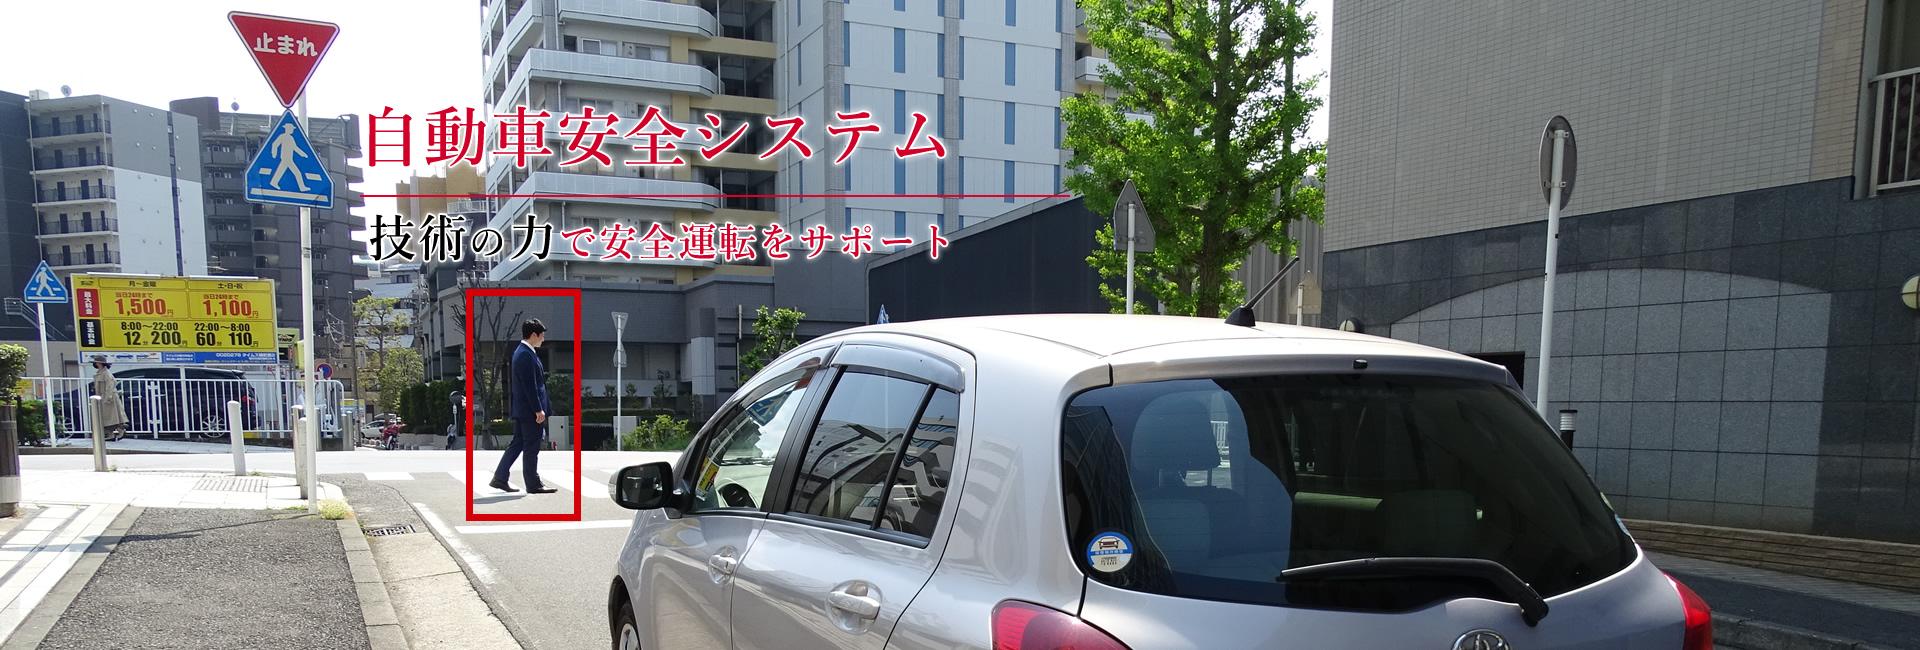 自動車安全システム